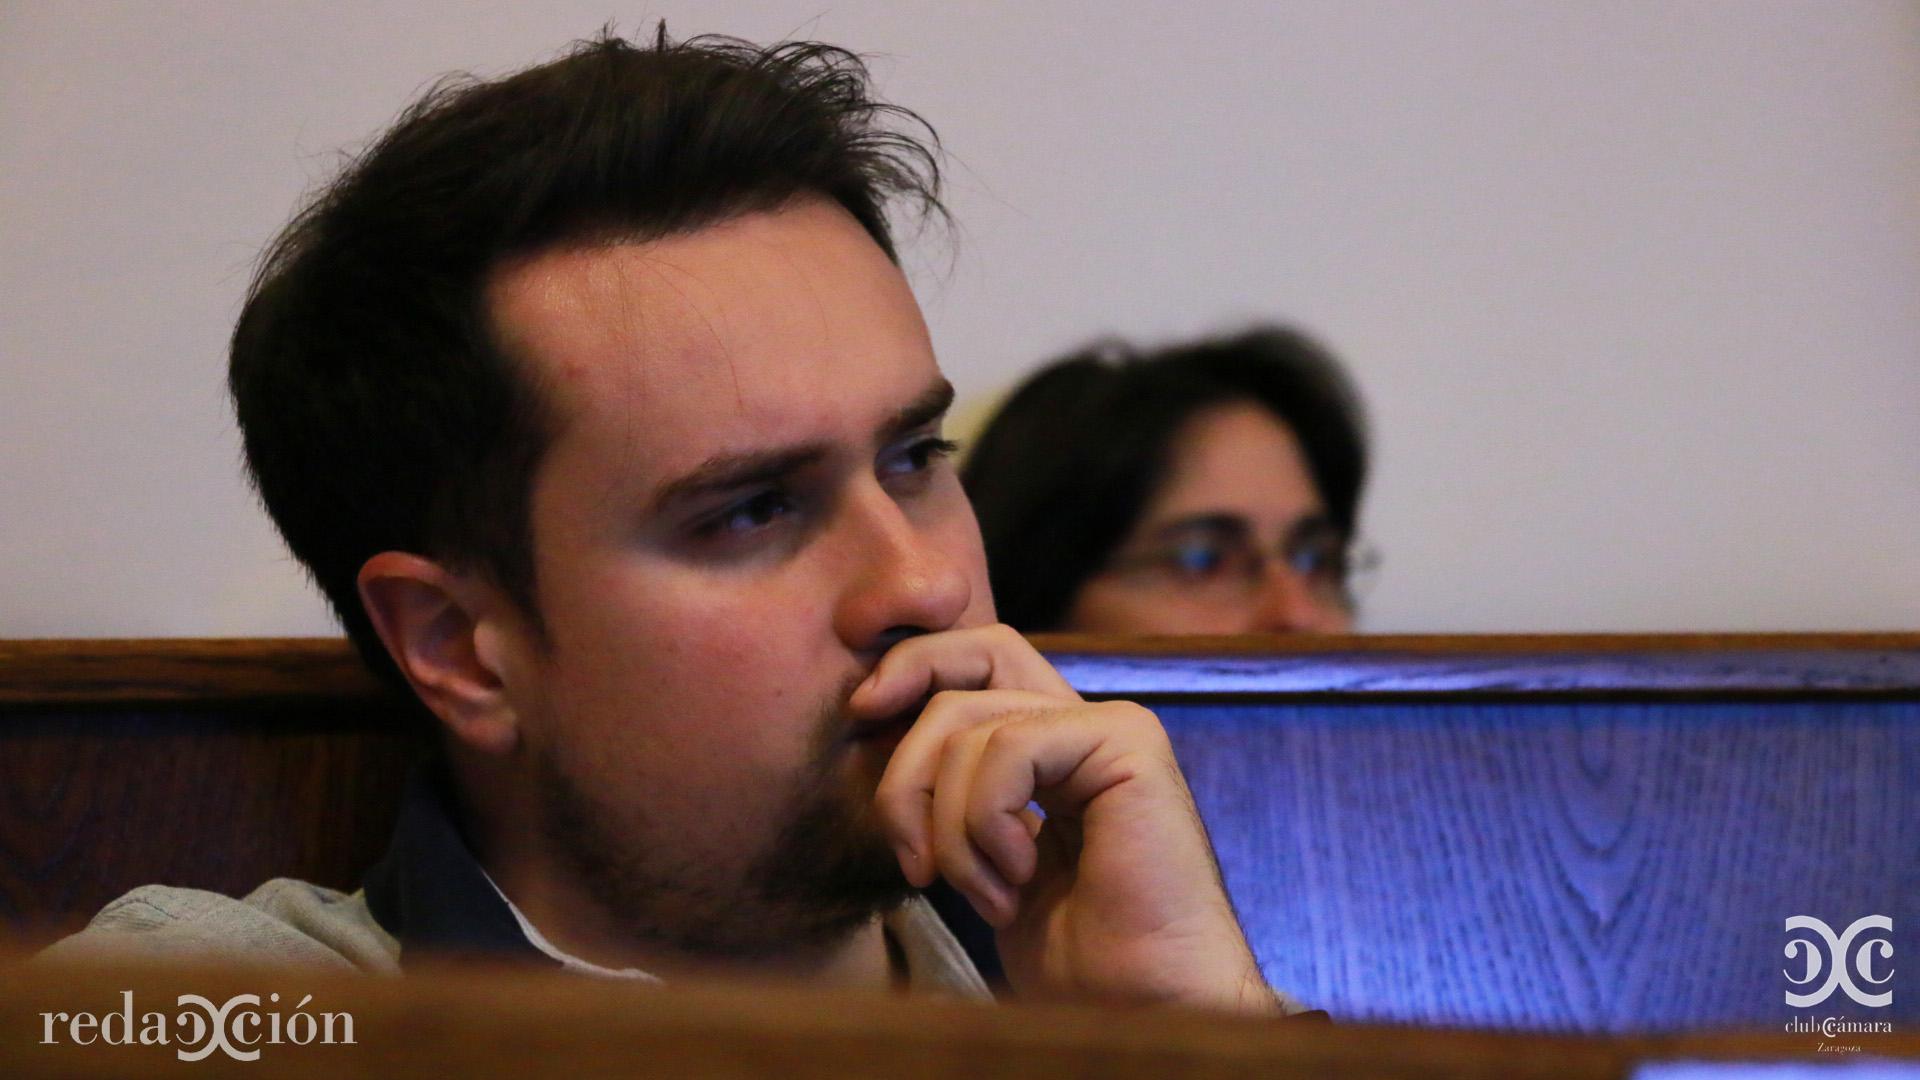 Daniel Atarés